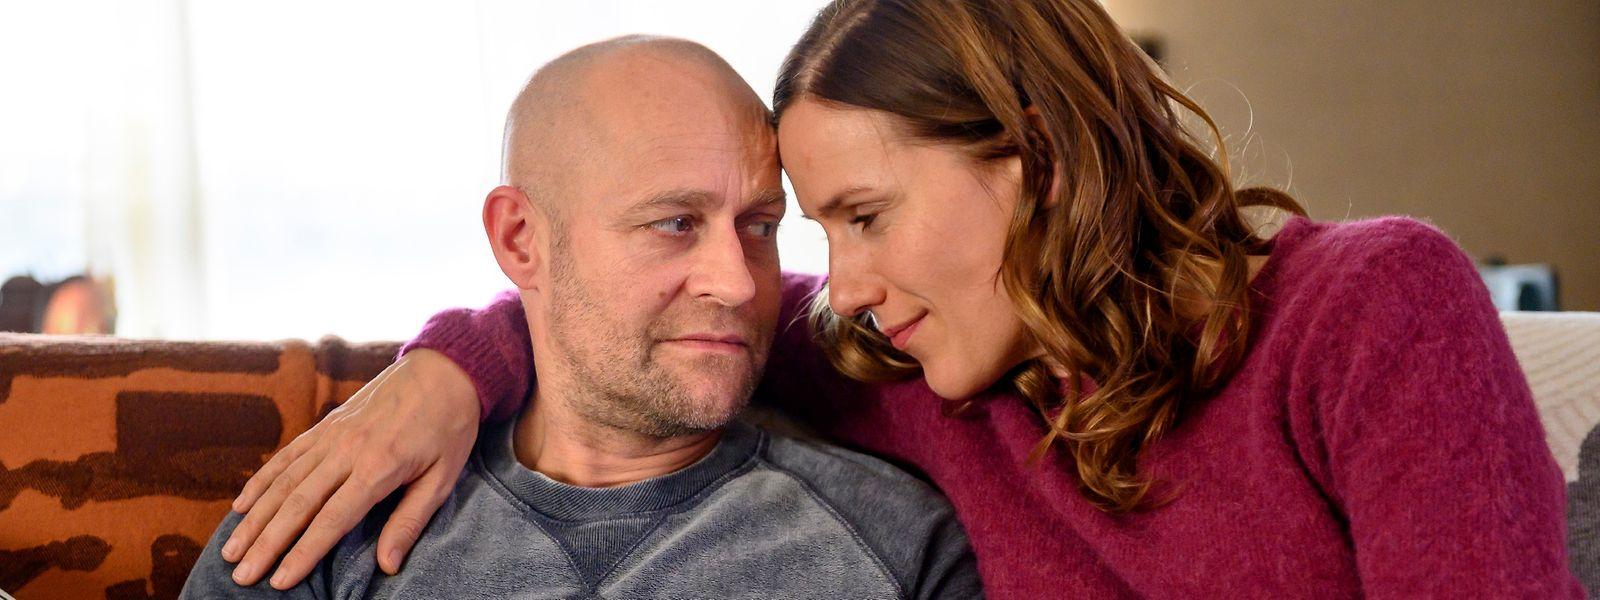 Kämpfen mit Alltagssorgen: Kurt Fankhauser (Jürgen Vogel) und seine Frau Sandra (Bettina Lamprecht).